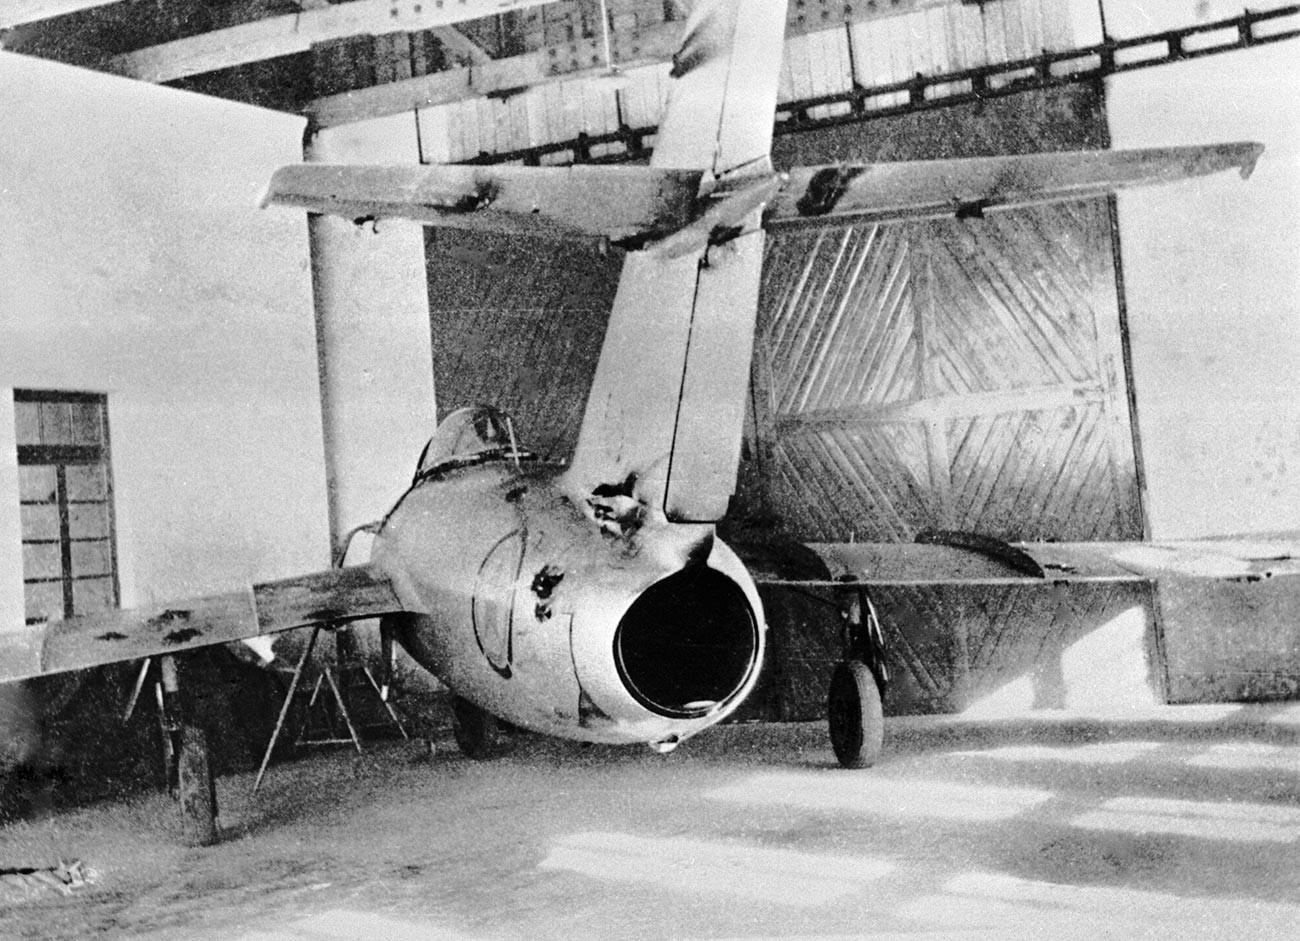 Совјетски ловац МиГ-15 са оштећењима после ваздушне битке за време рата у Кореји